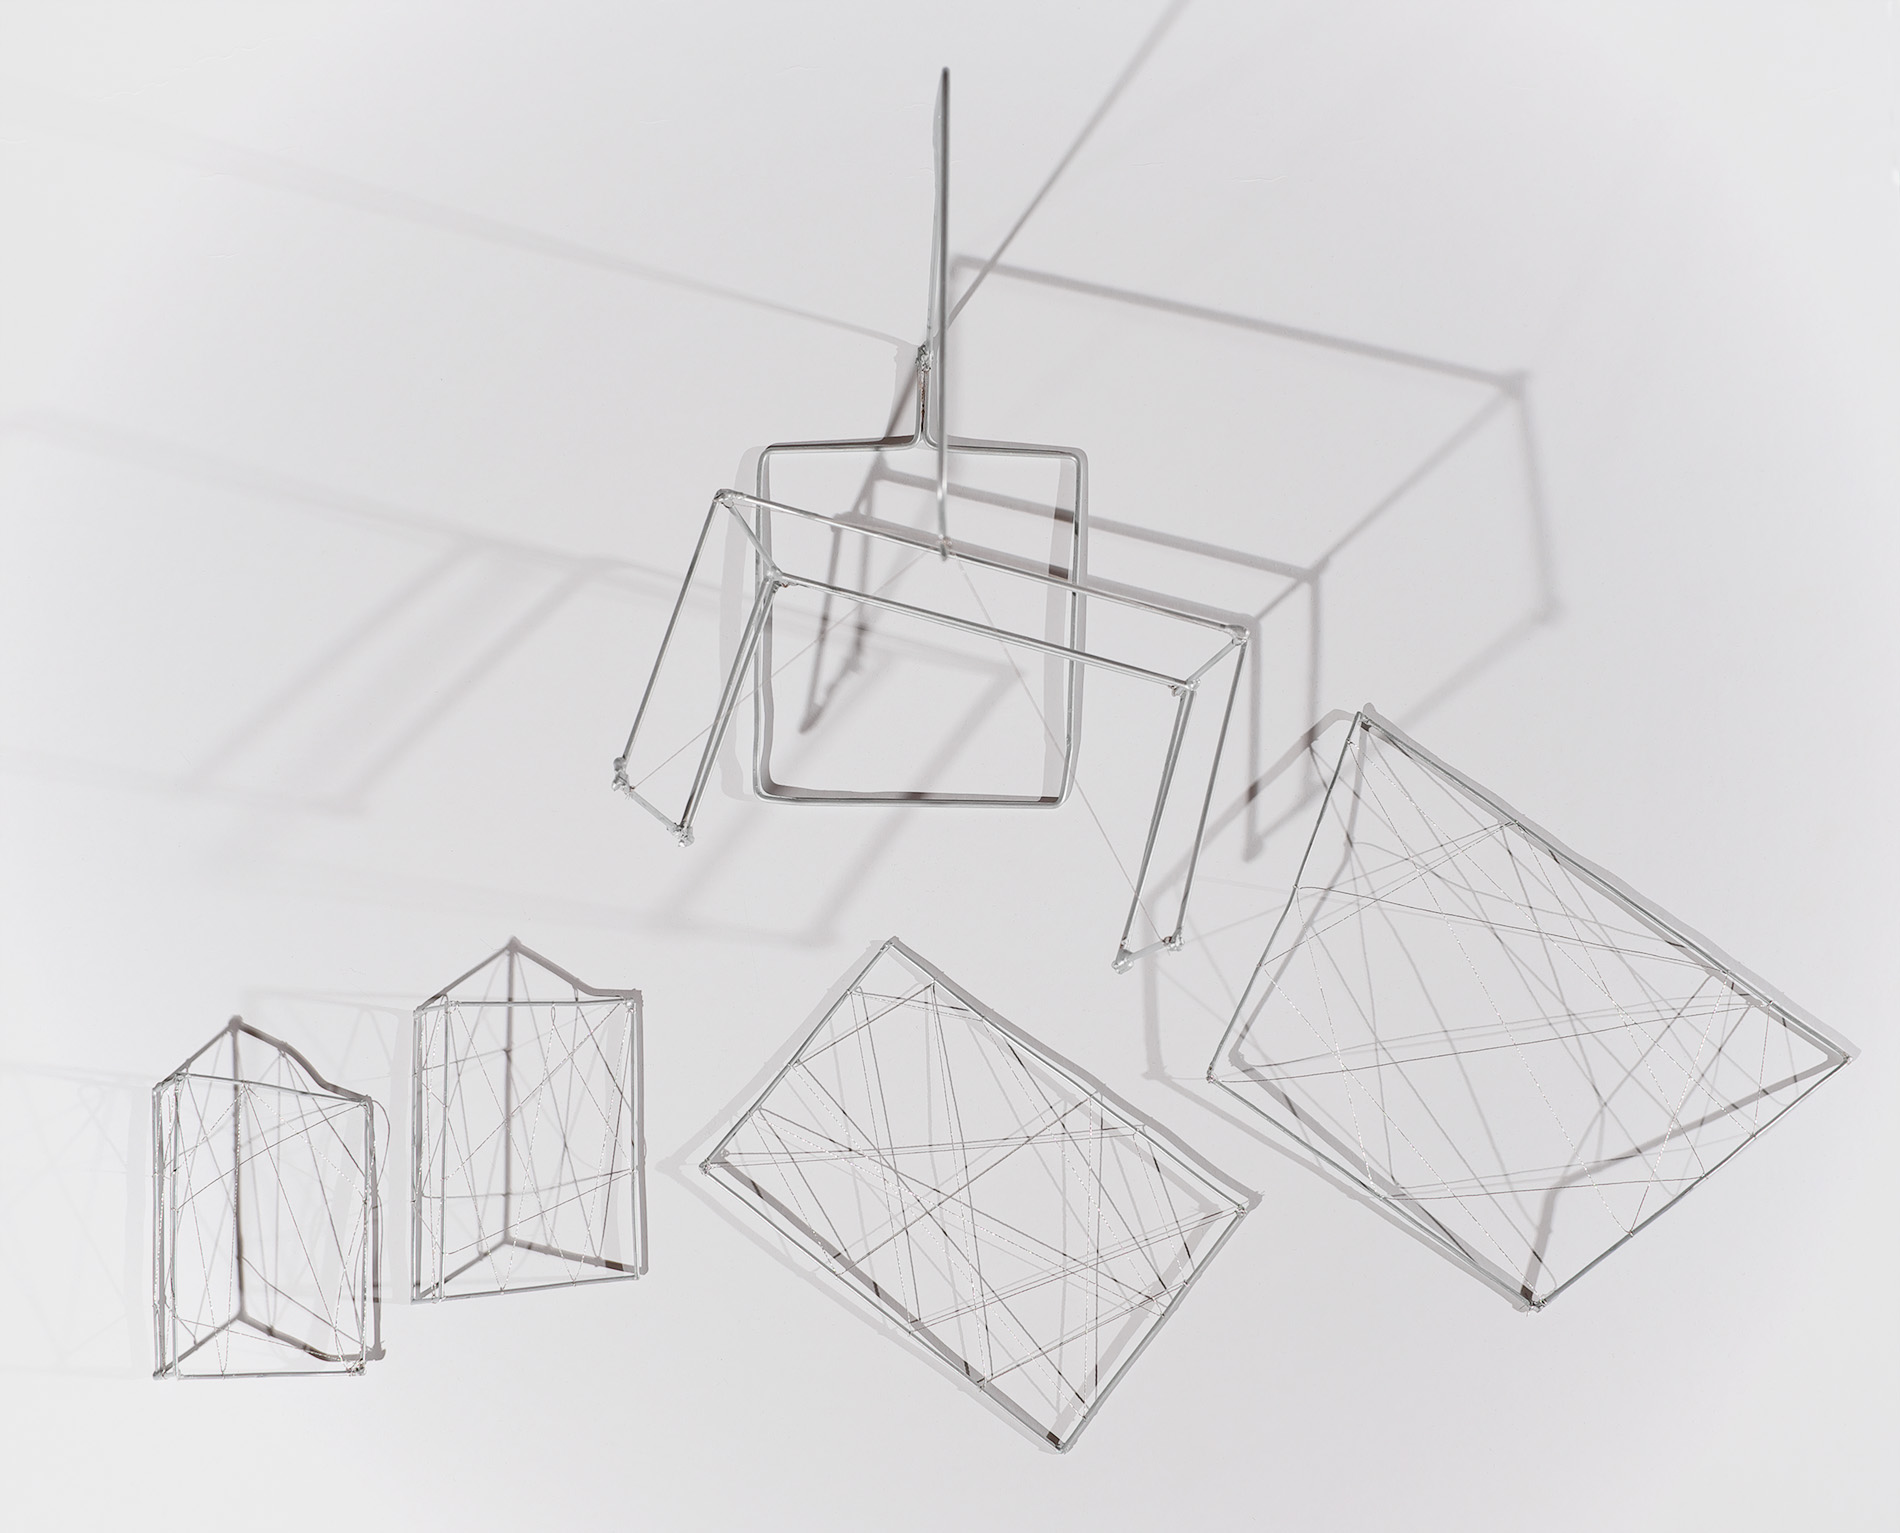 Concept and Art by Margit Drescher